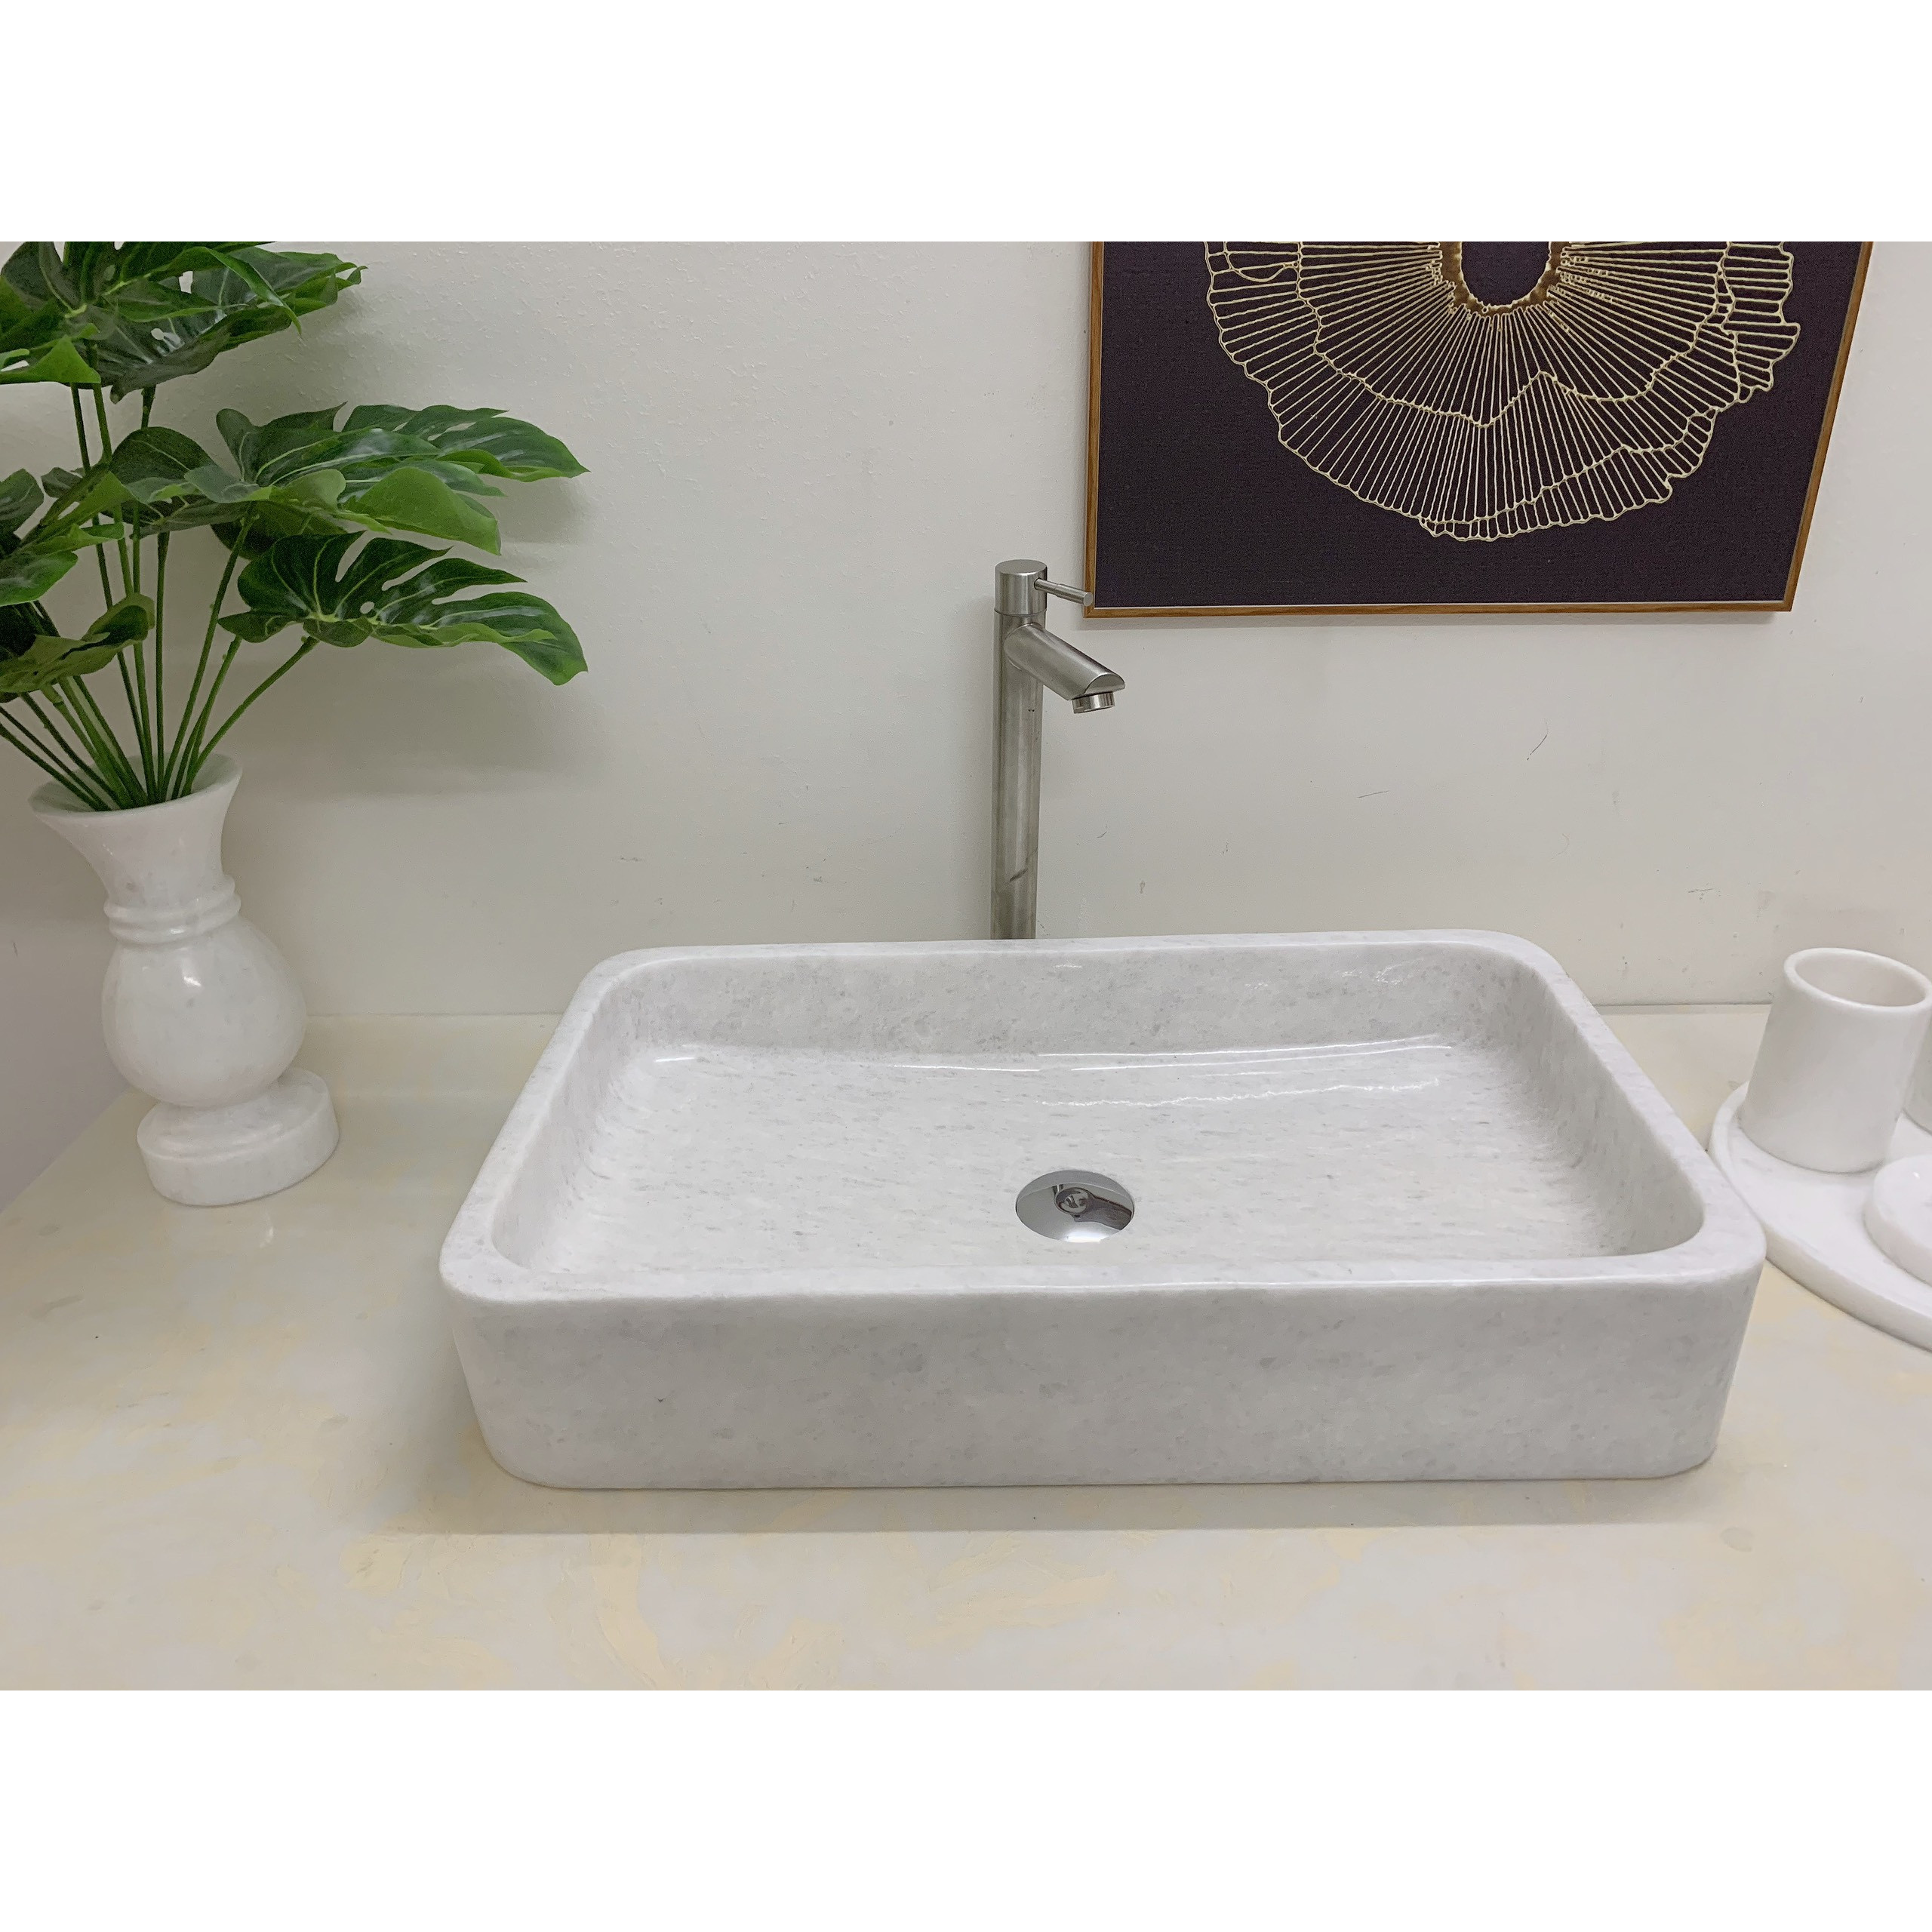 Chậu rửa mặt lavabo đá tự nhiên hình chữ nhật trắng mỏng BST57A